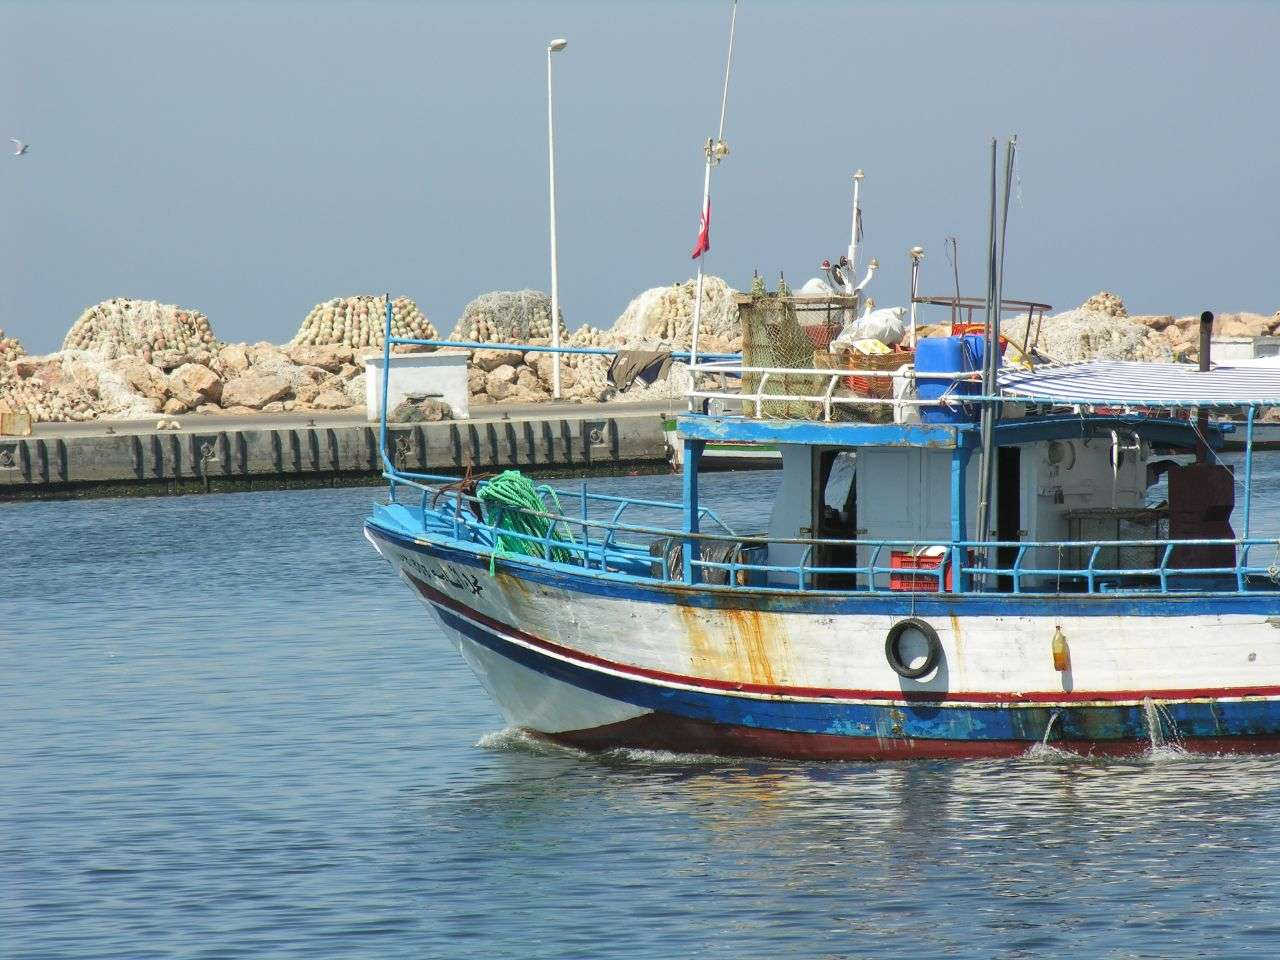 Le golfe de Gabès est très riche en poisson. Il fournit 65 % des prises de pêche en Tunisie. Ses eaux sont poissonneuses mais paradoxalement pauvres en éléments nutritifs. © Phileole, Flickr, CC by 2.0